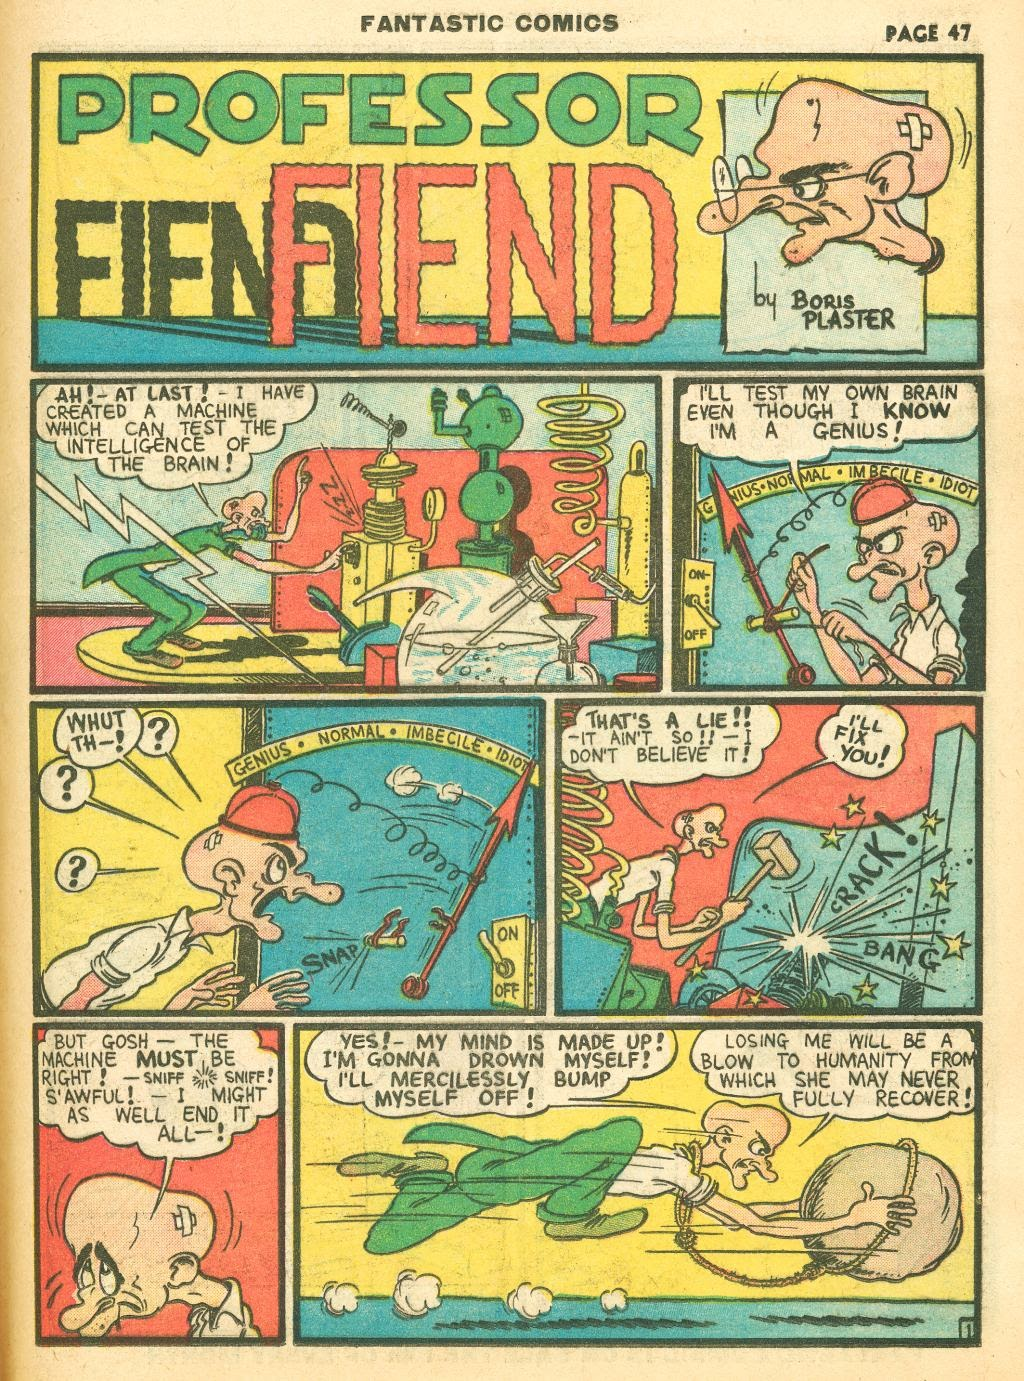 Read online Fantastic Comics comic -  Issue #12 - 49